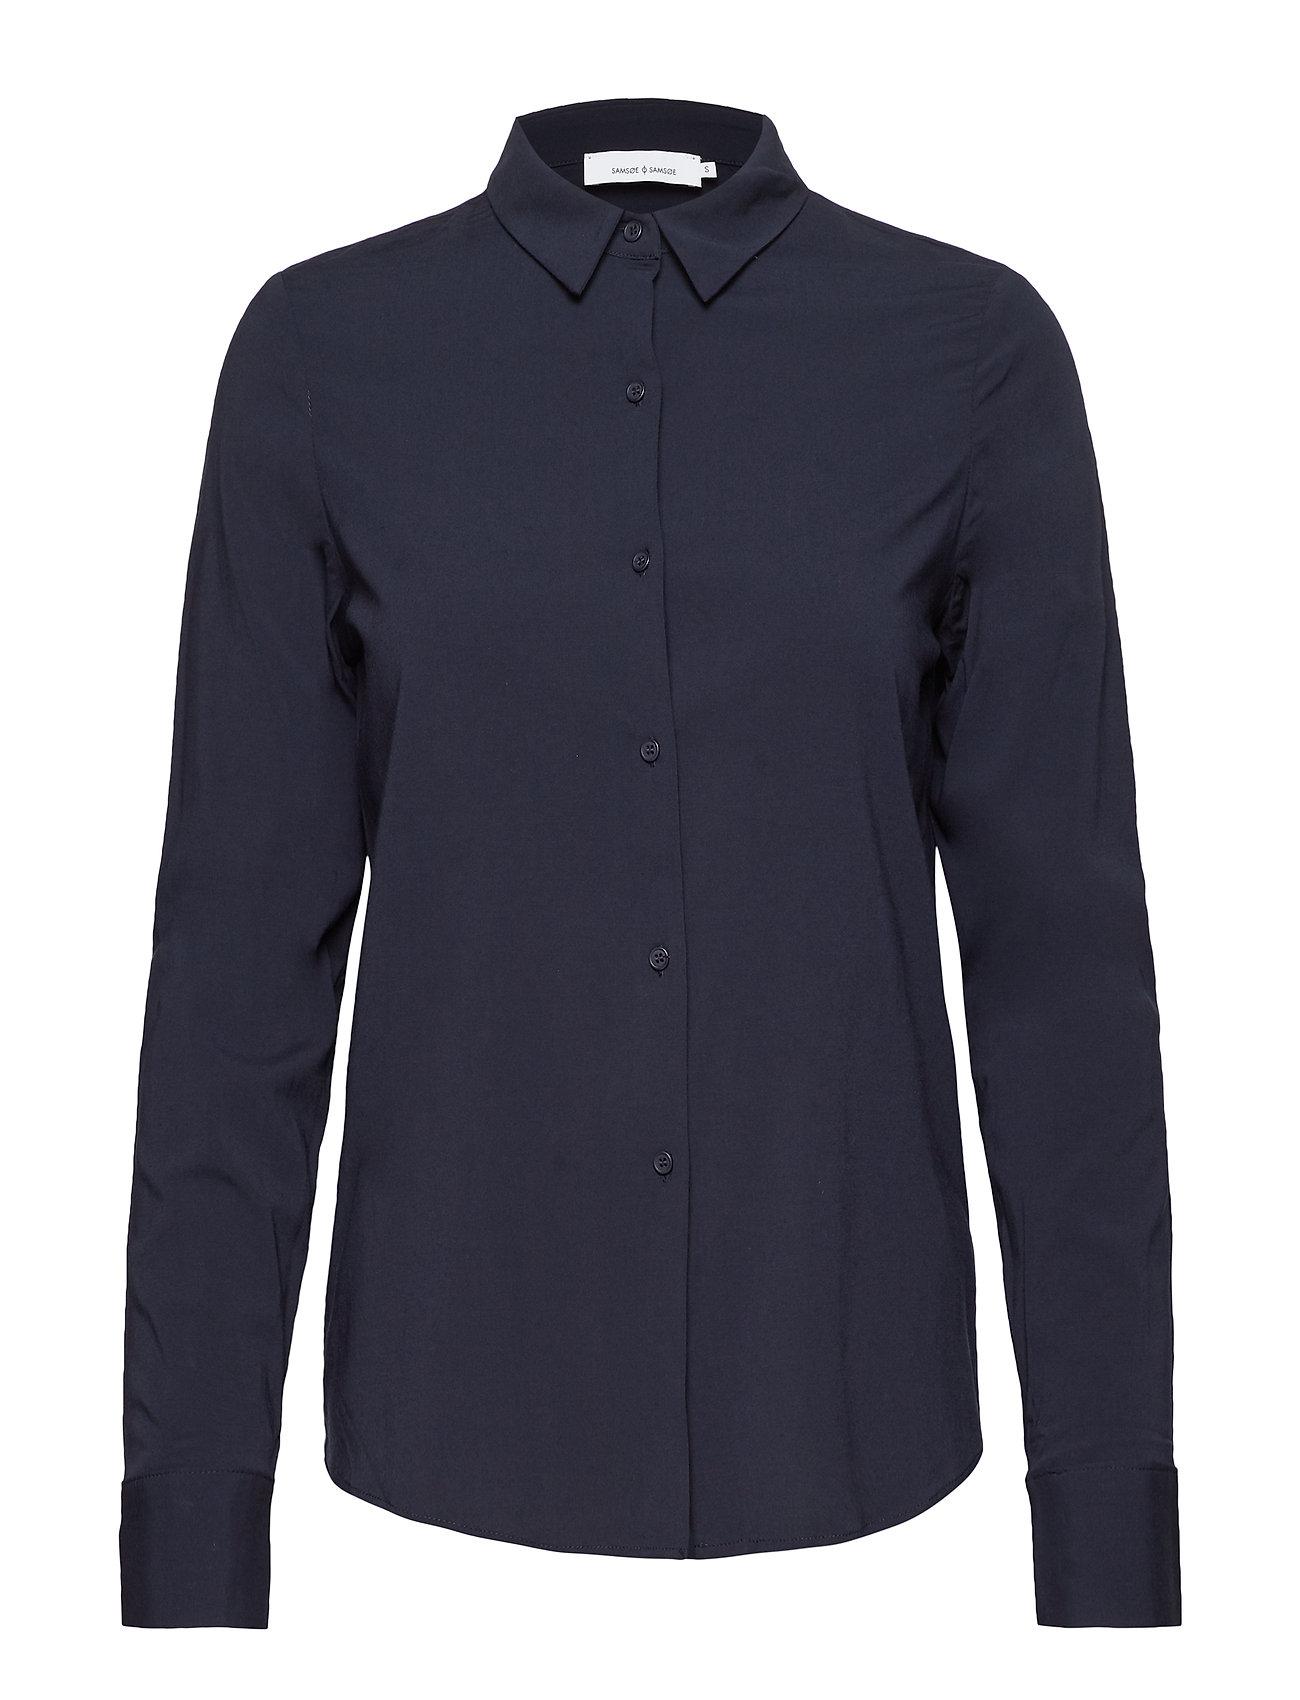 Samsøe & Samsøe Milly np shirt 9942 - DARK SAPPHIRE